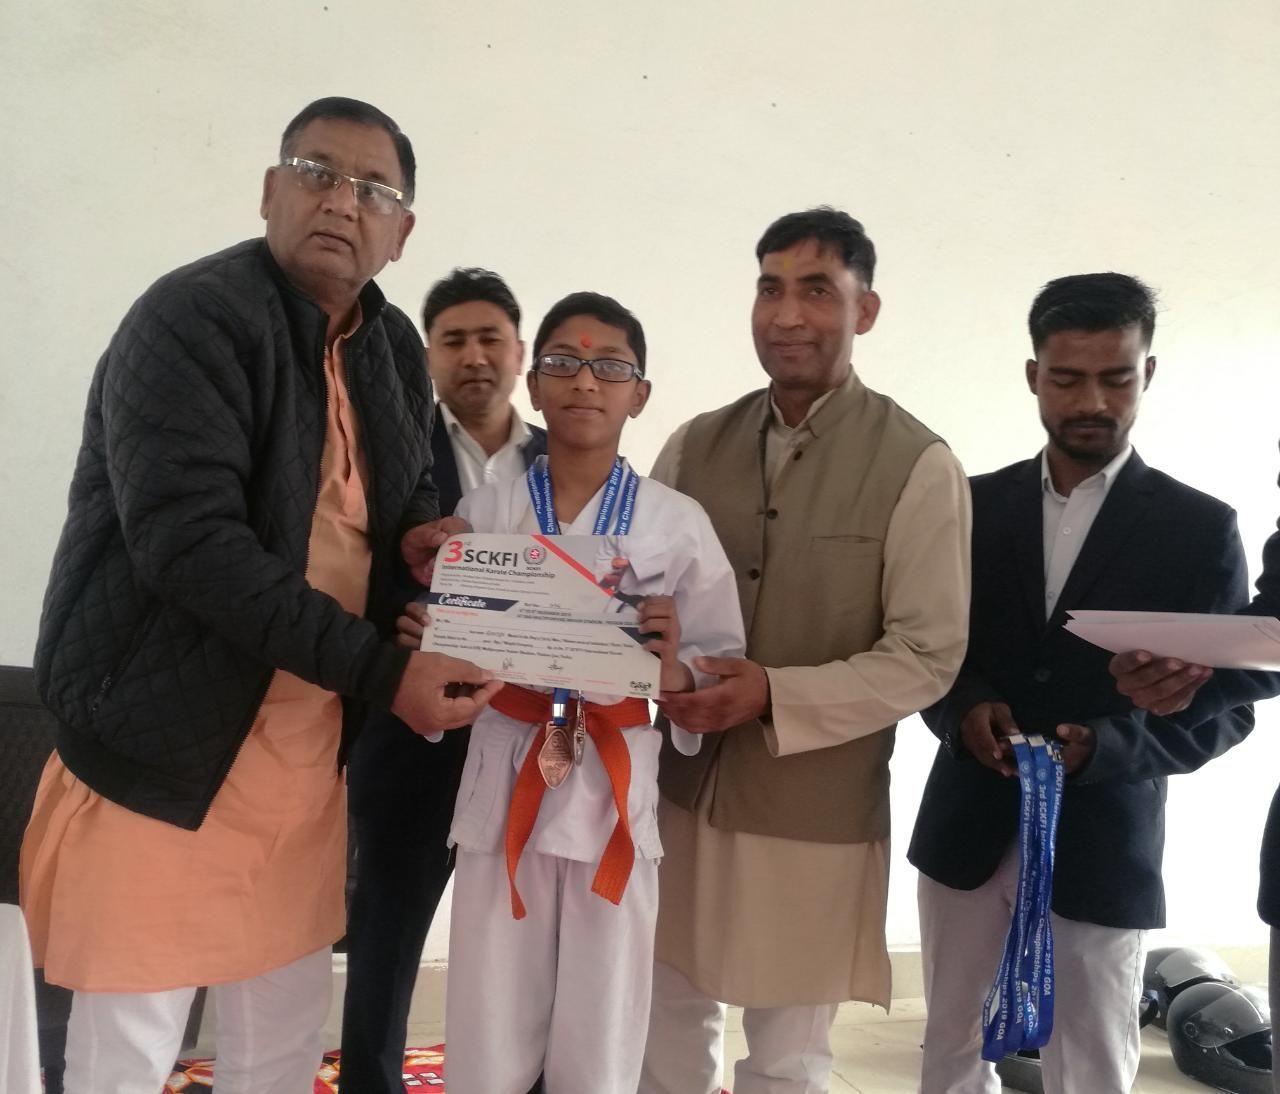 गोवा में हुयी अंतरराष्ट्रीय कराटे प्रतियोगिता में 16 बच्चों ने किया जिले का नाम रोशन